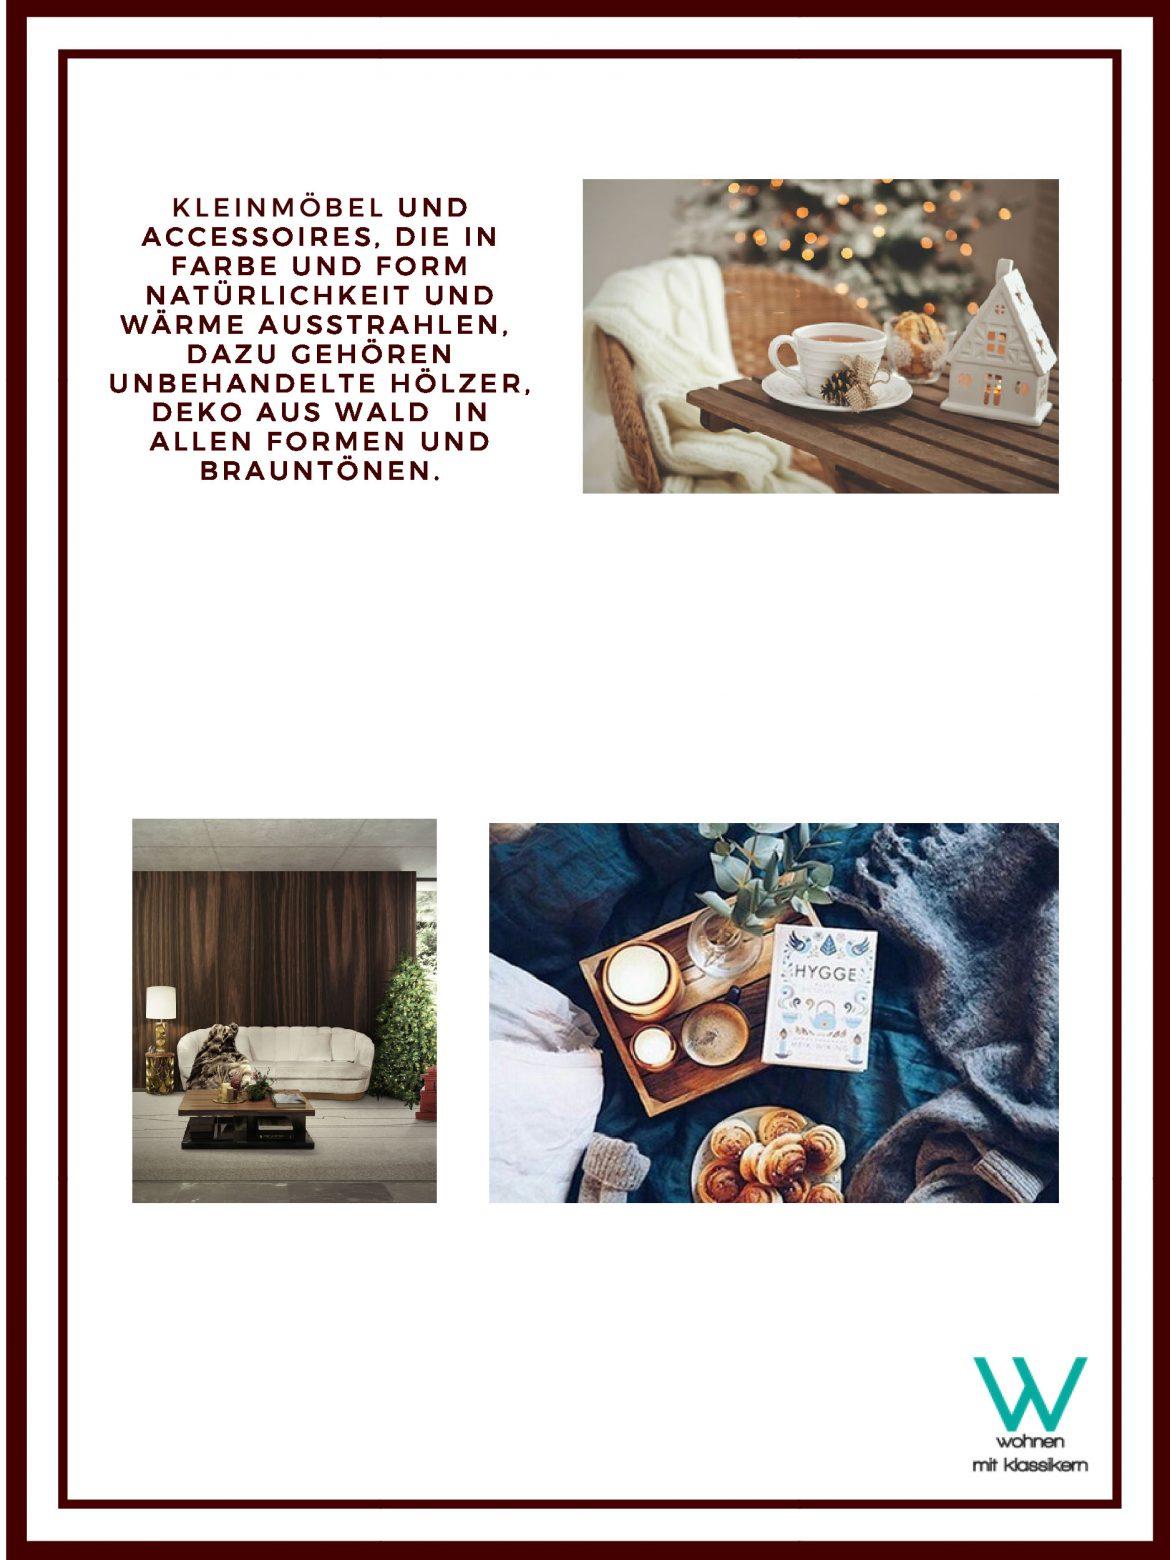 luxuriöse Möbel Das luxuriöse Möbel Geheimnisse der Gemütlichkeit DAS LUXURI  SE GEHEIMNIS DER GEM  TLICHKEIT 4